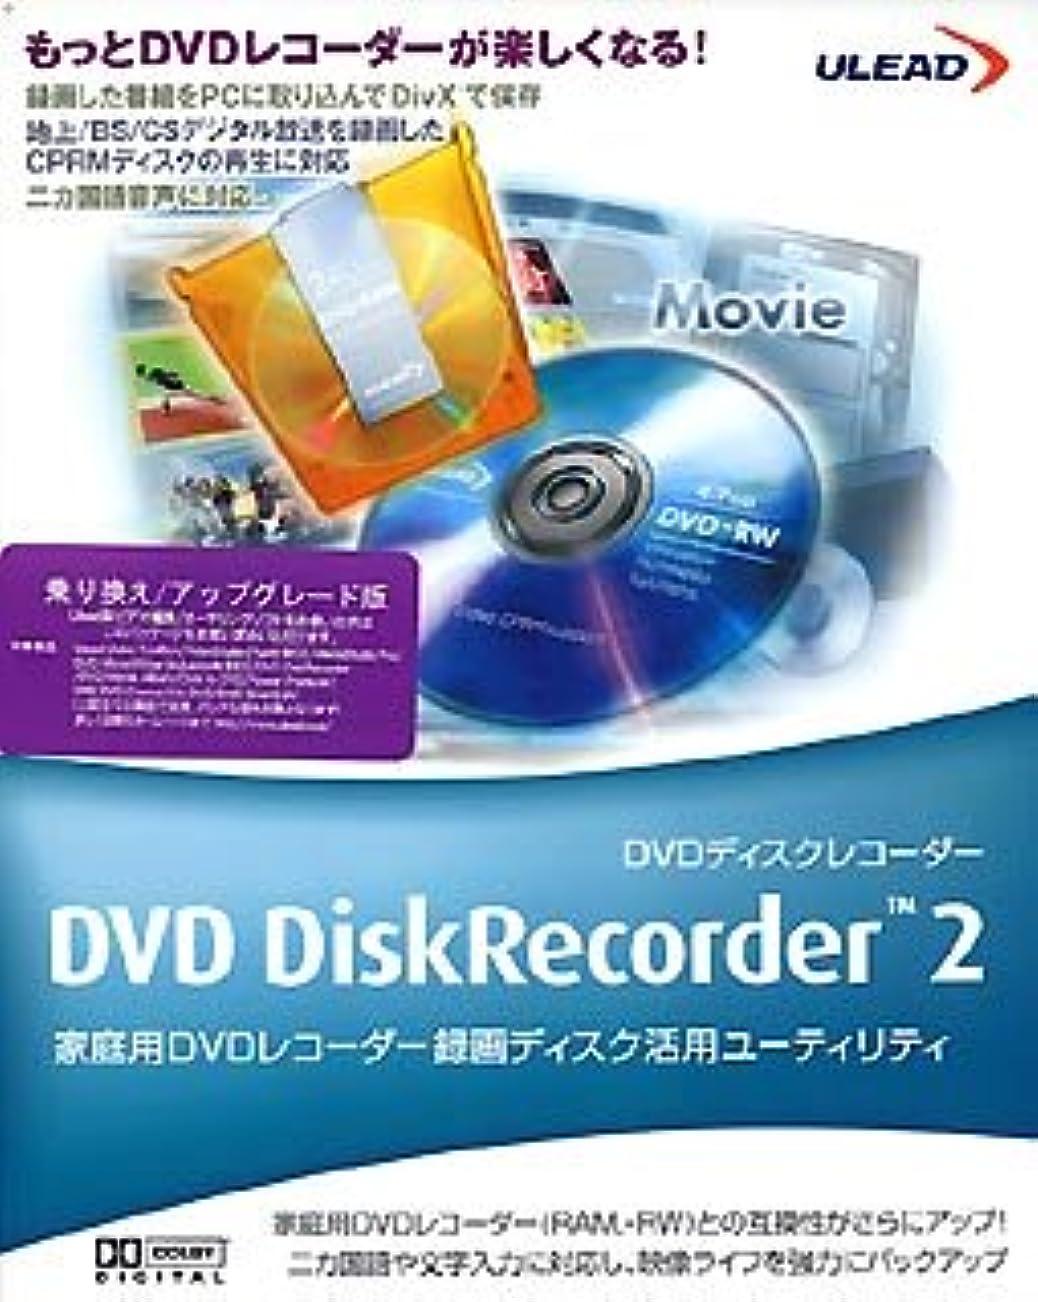 インタラクションわざわざ類推DVD DiskRecorder 2 乗り換え/アップグレード版